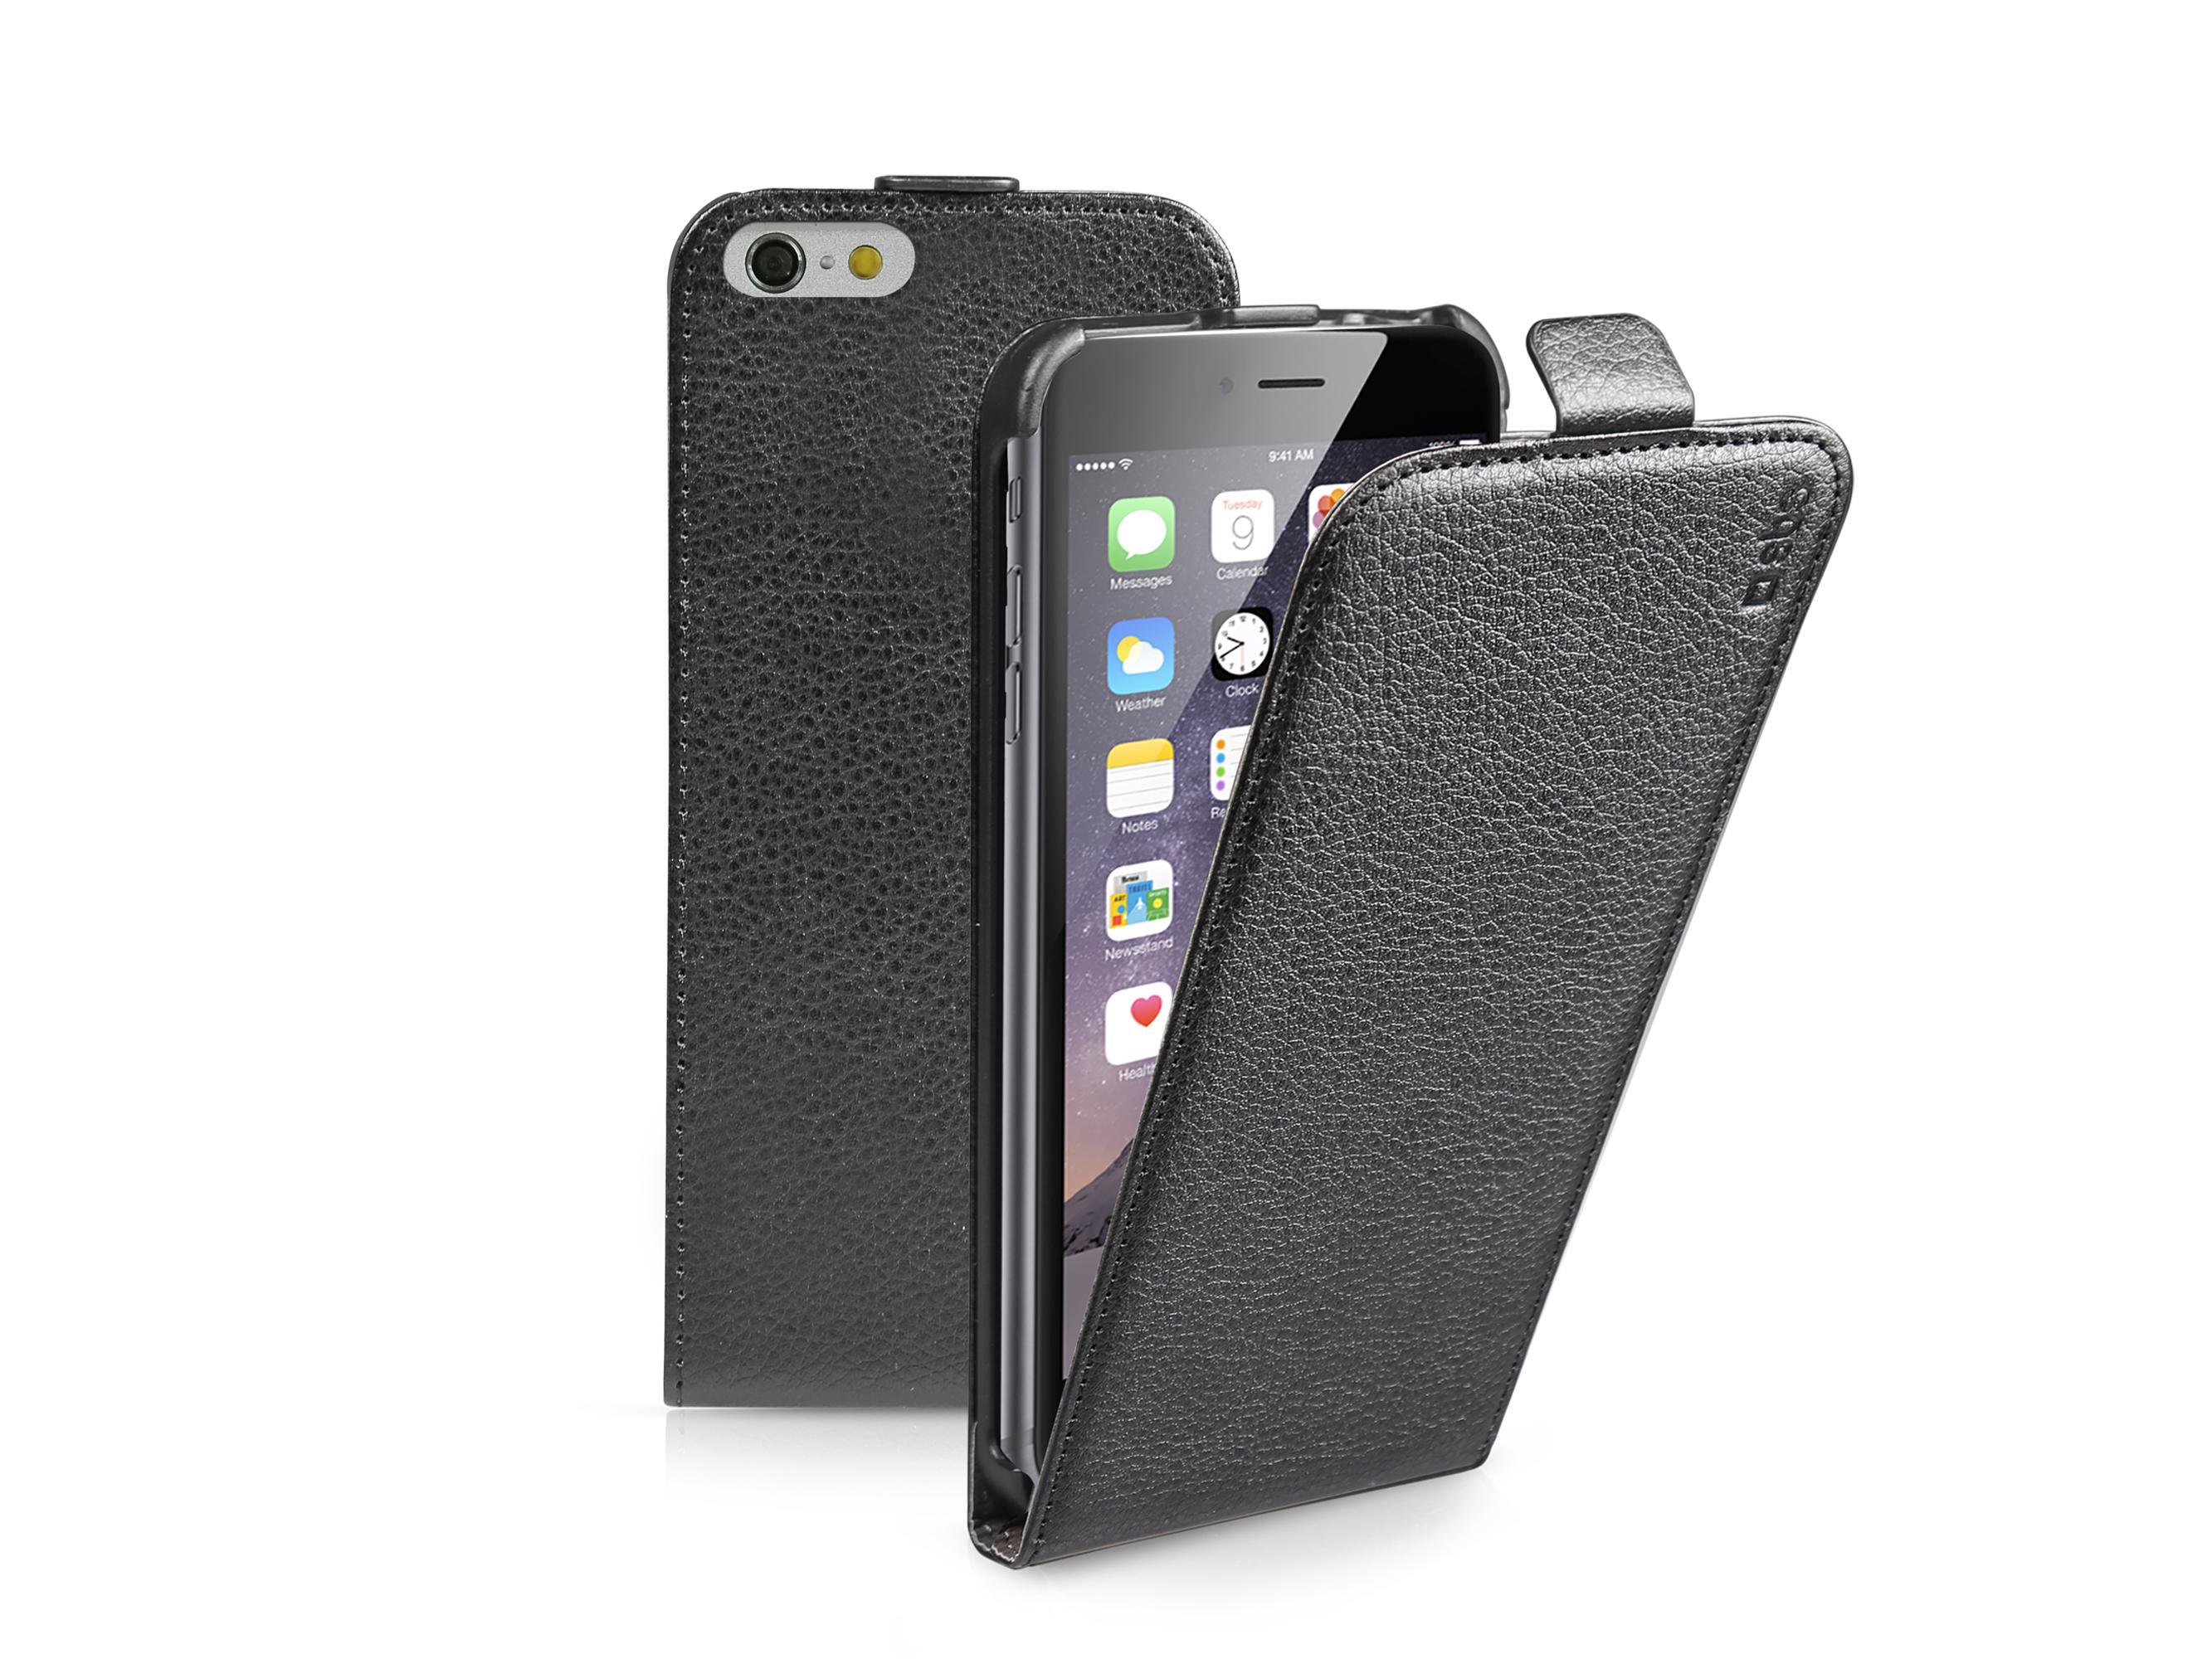 Чехол для iPhone 6 Plus: А нужен ли он ему?